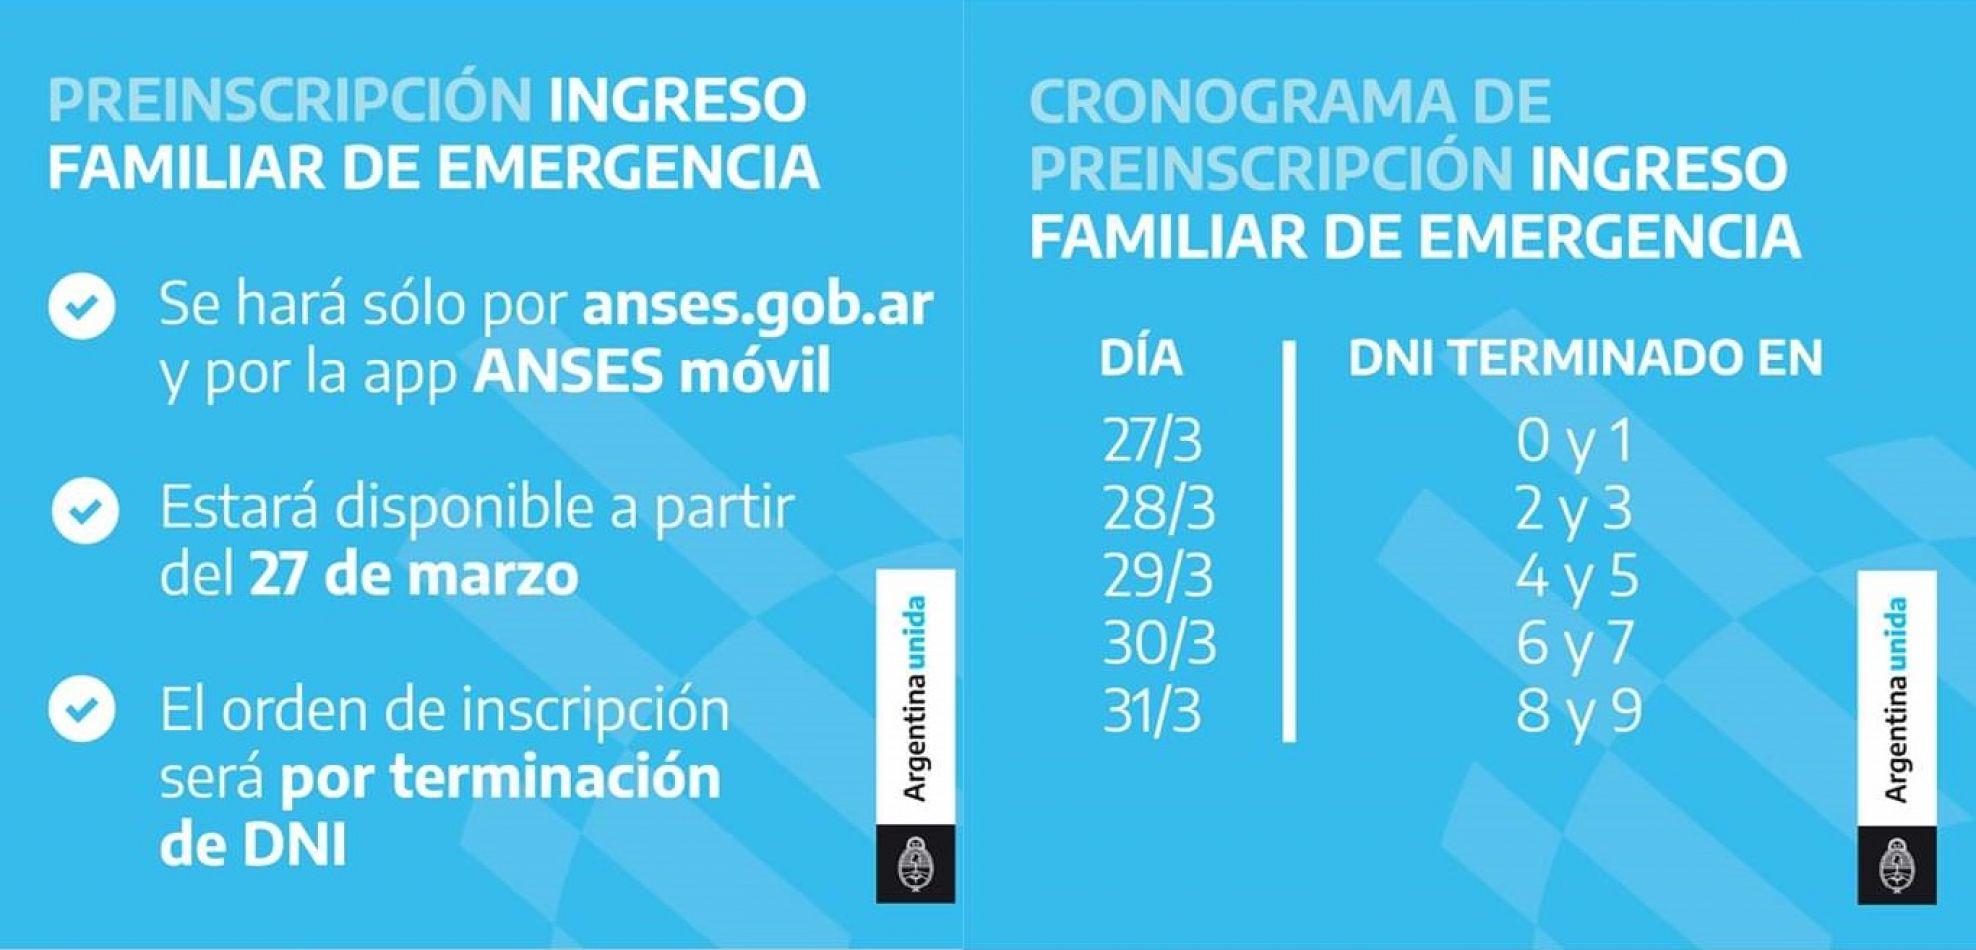 Desde este viernes 27 ANSES abre la inscripción para cobrar el Ingreso Familiar de Emergencia